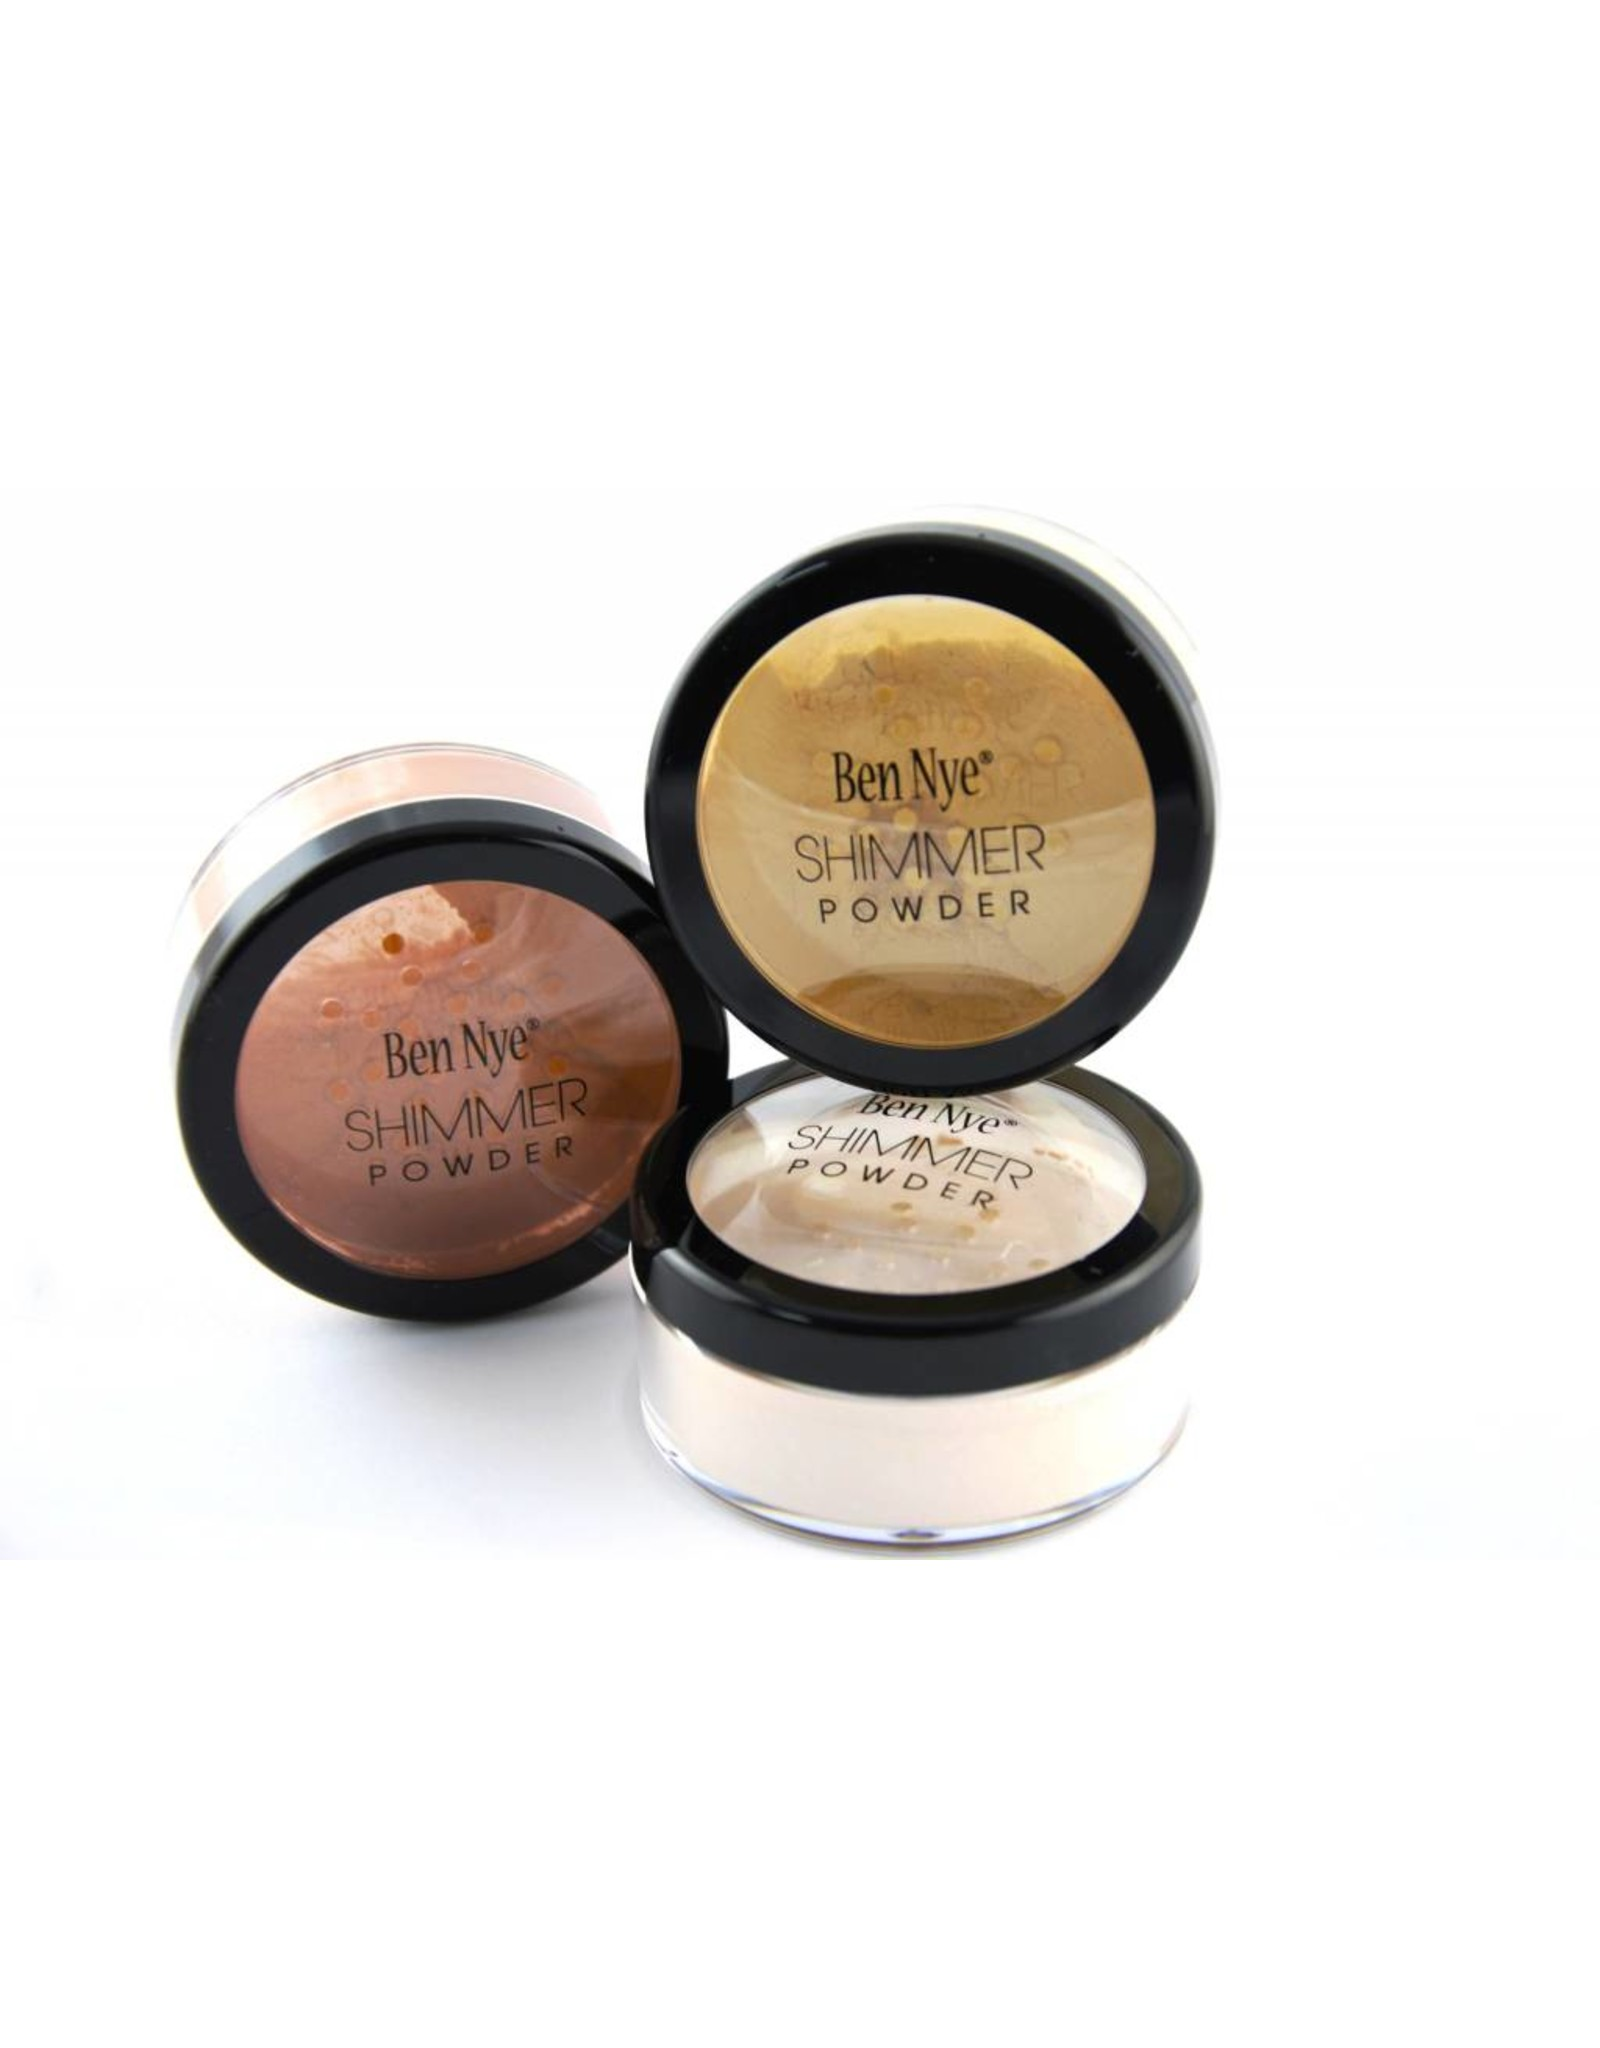 Ben Nye Ben Nye Shimmer Powder